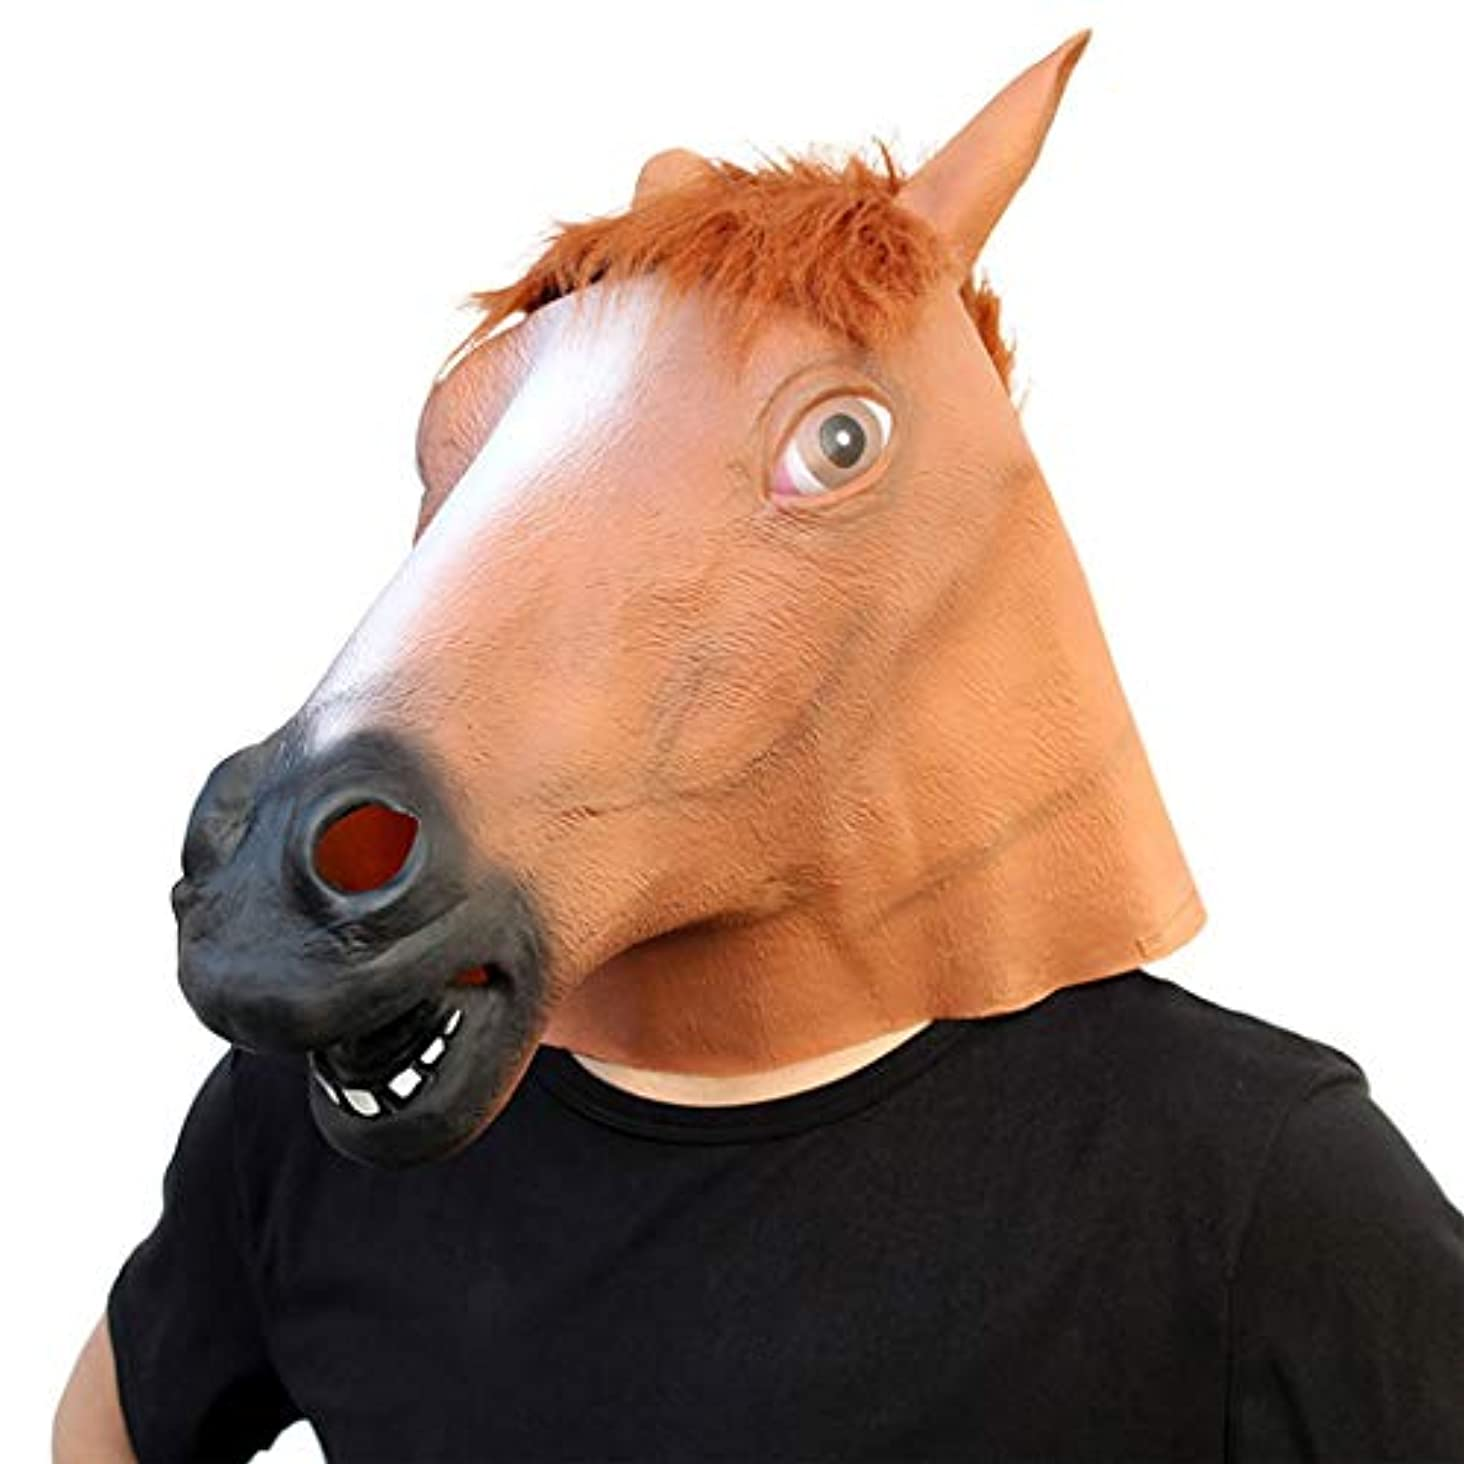 目覚める露出度の高いストリームハロウィーンのスタイリングの小道具ボールパーティーの馬の頭のマスクラテックスゲーム面白いパーティー用品